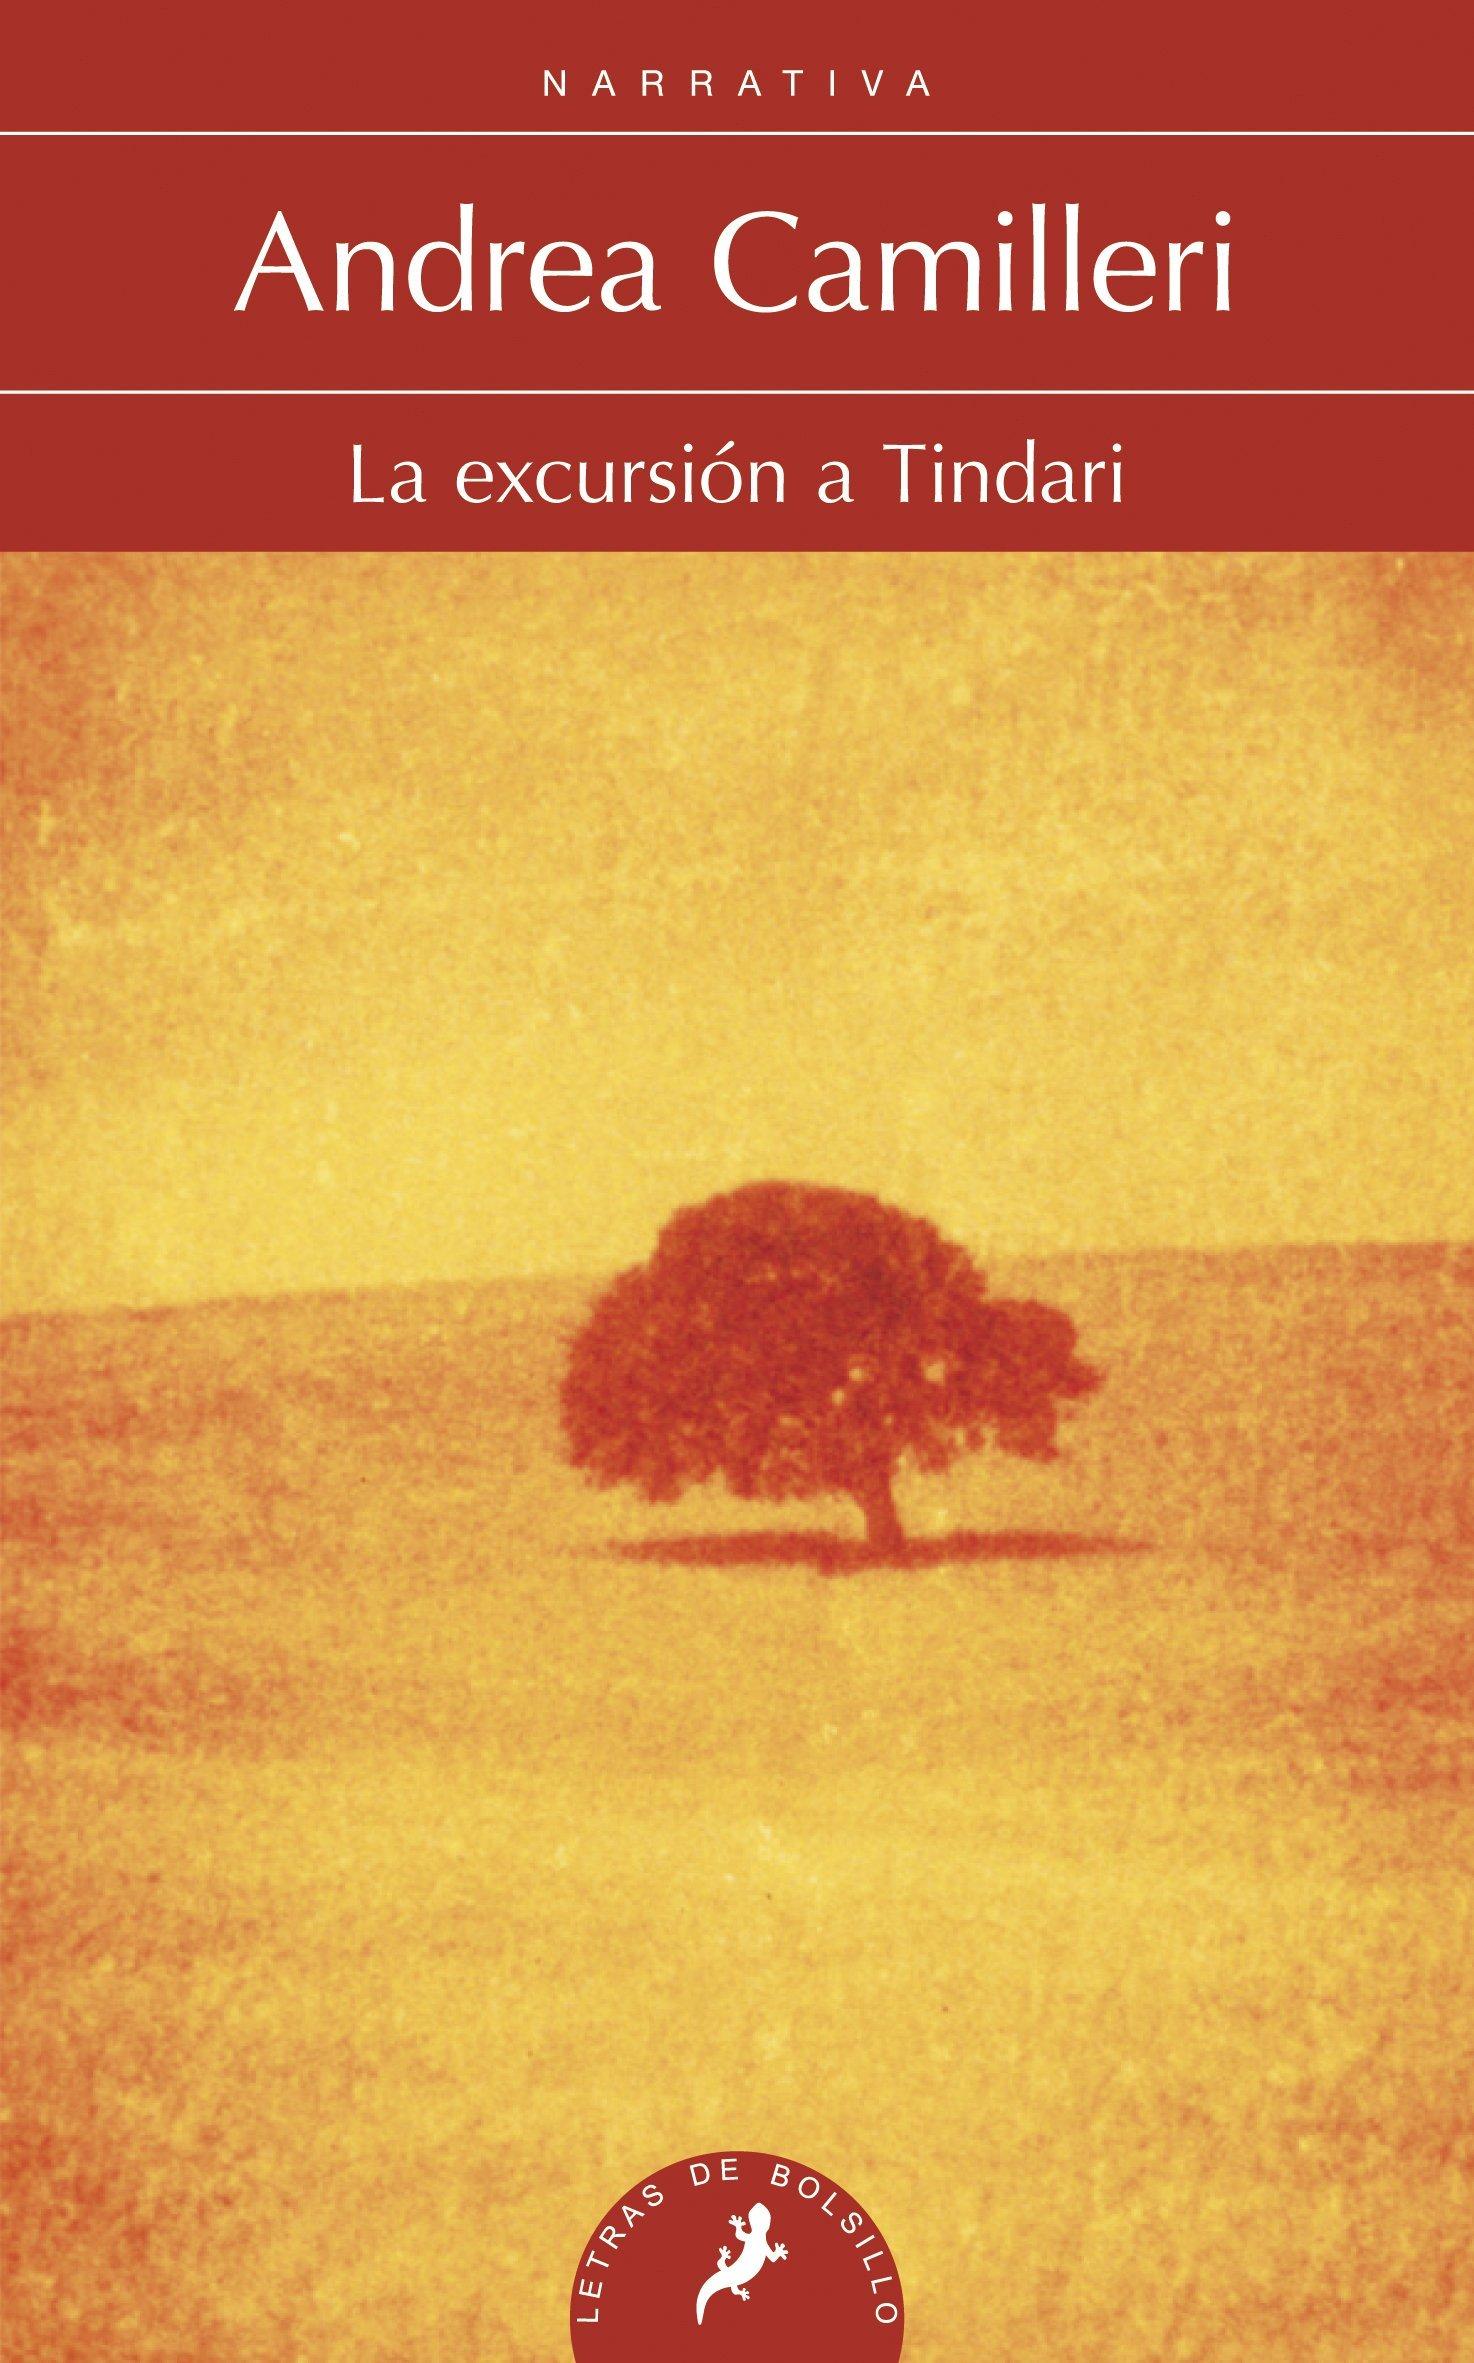 La excursión a Tindari (Letras de Bolsillo, Band 170)